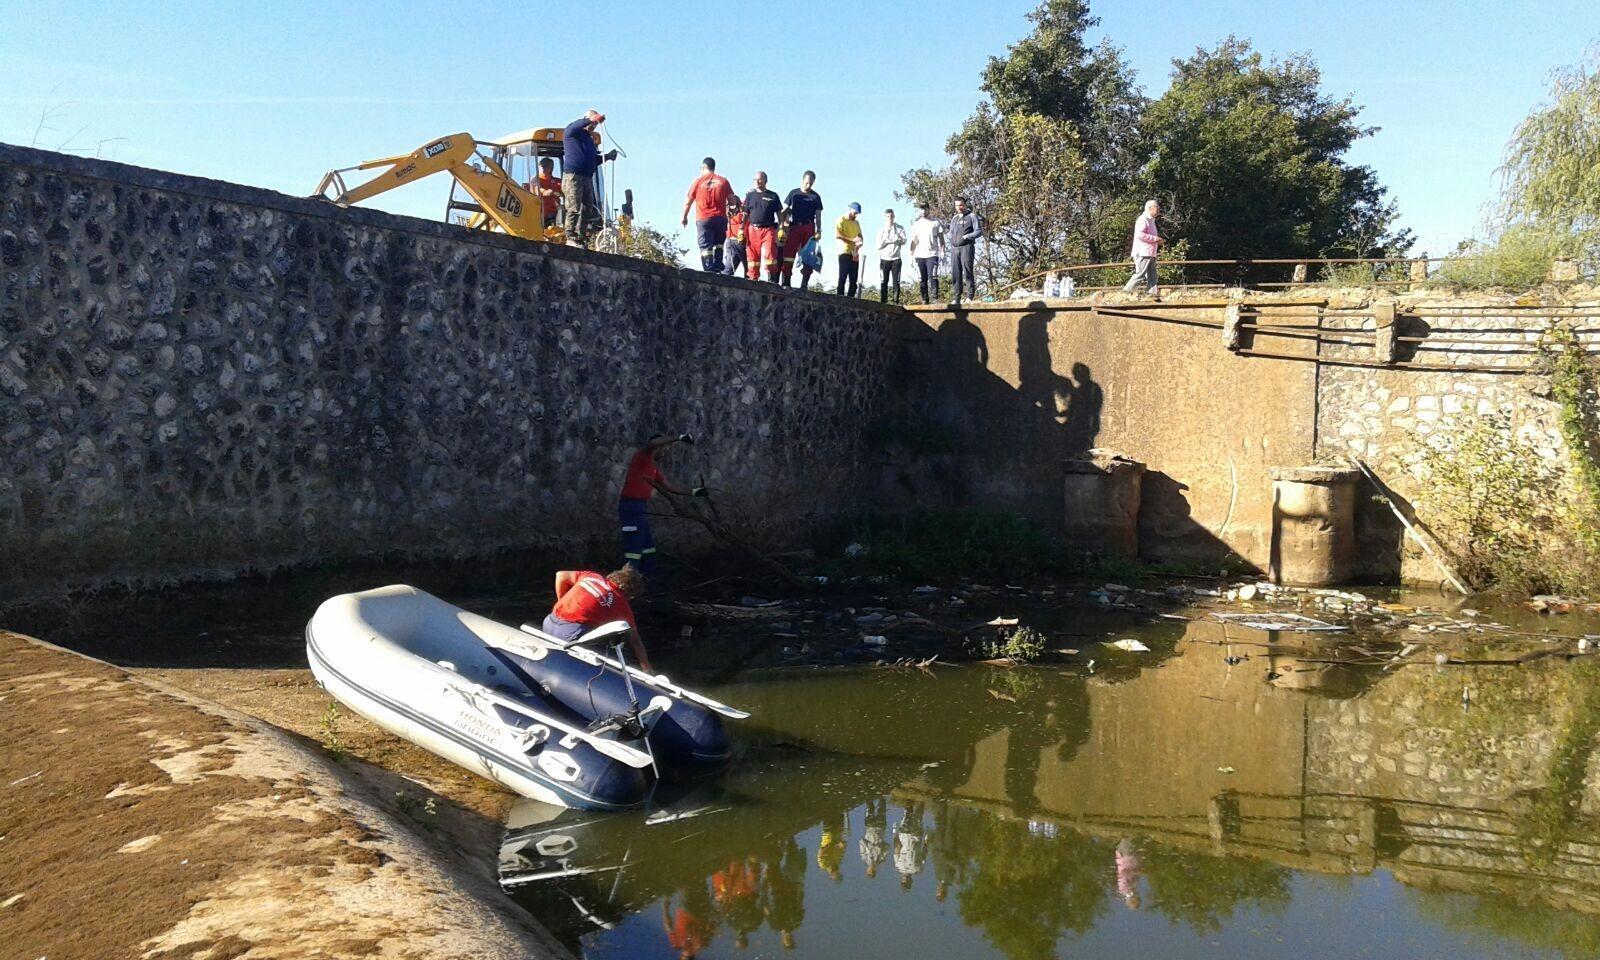 Foto decine di volontari al lavoro per ripulire il letto - Letto di un fiume ...